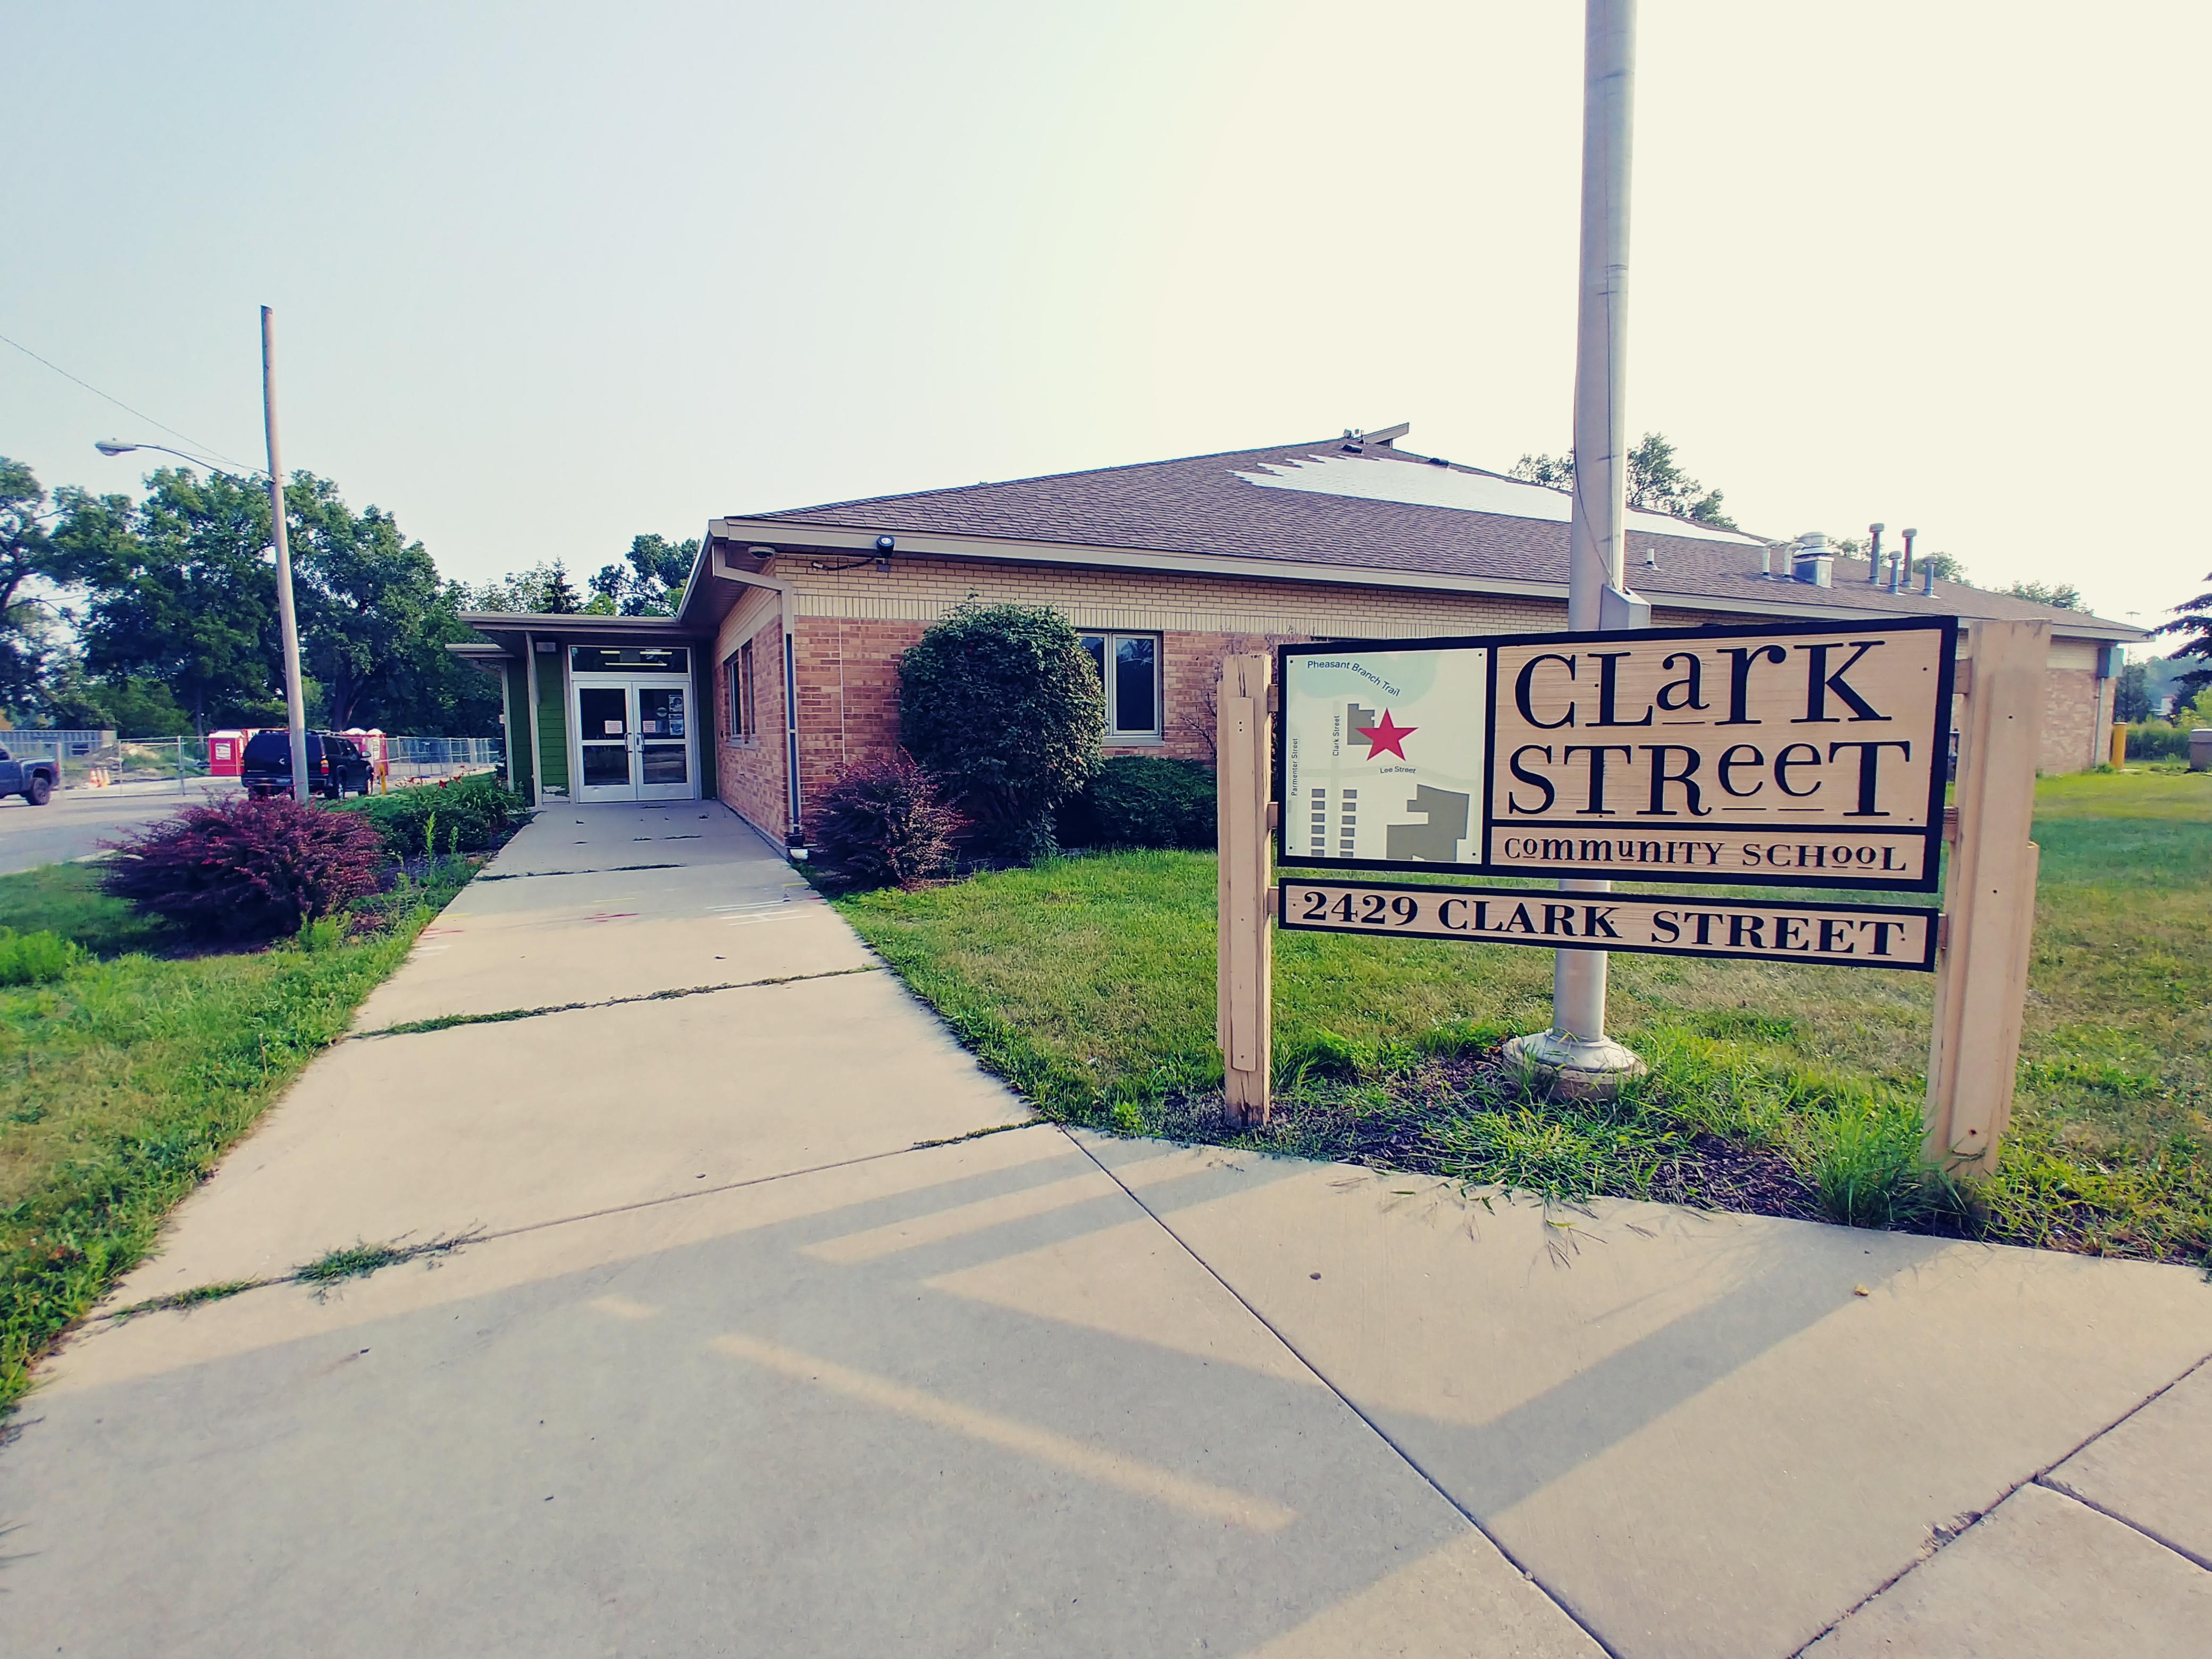 Clark Street Community School sign in front of the school